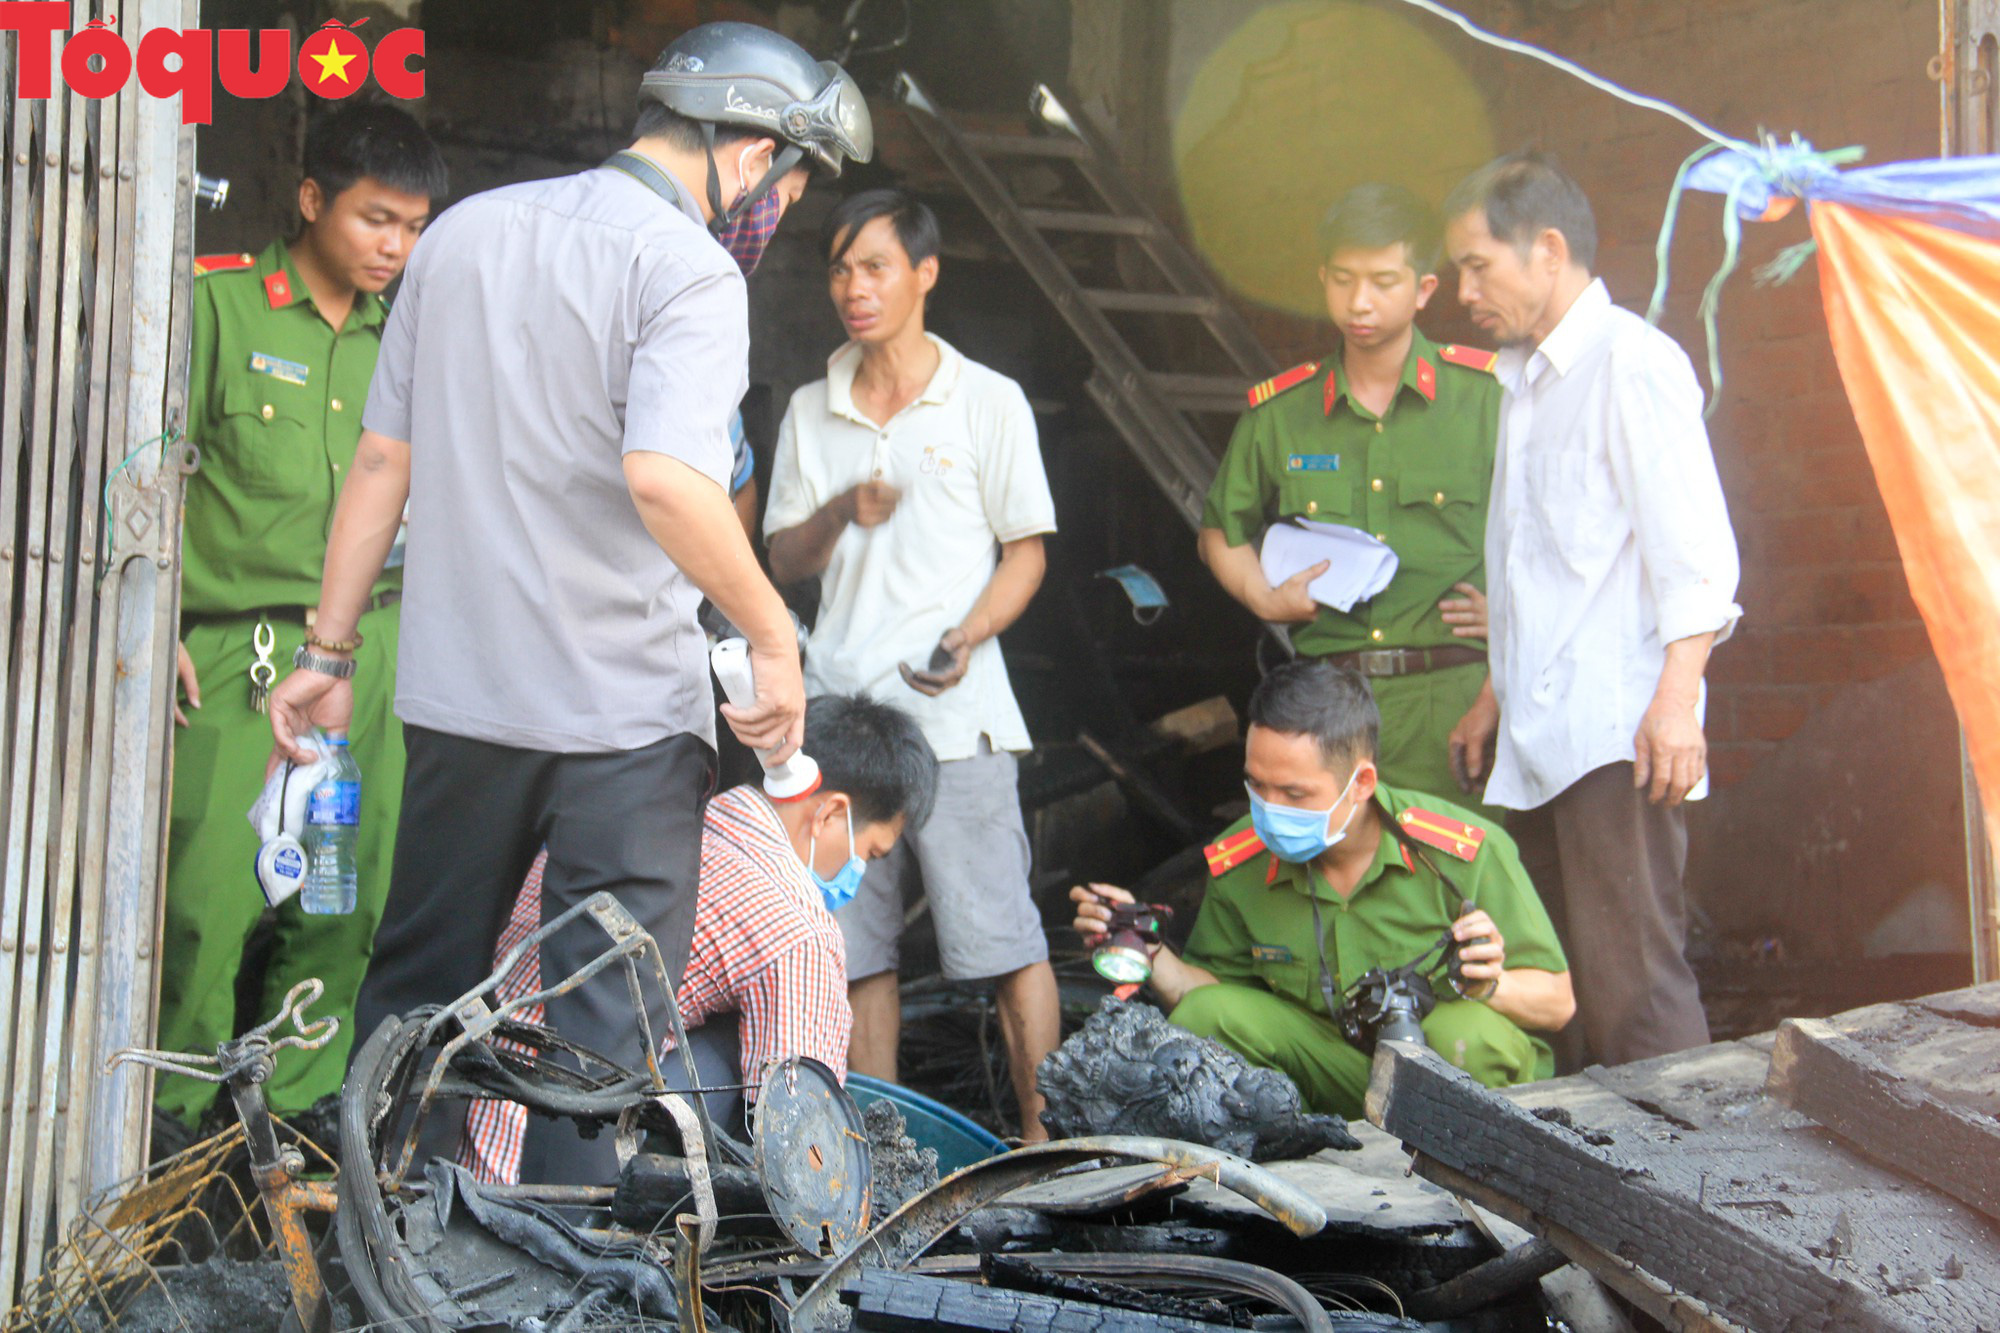 Hình ảnh hiện trường vụ hỏa hoạn khiến 3 người trong một gia đình tử vong thương tâm - Ảnh 4.